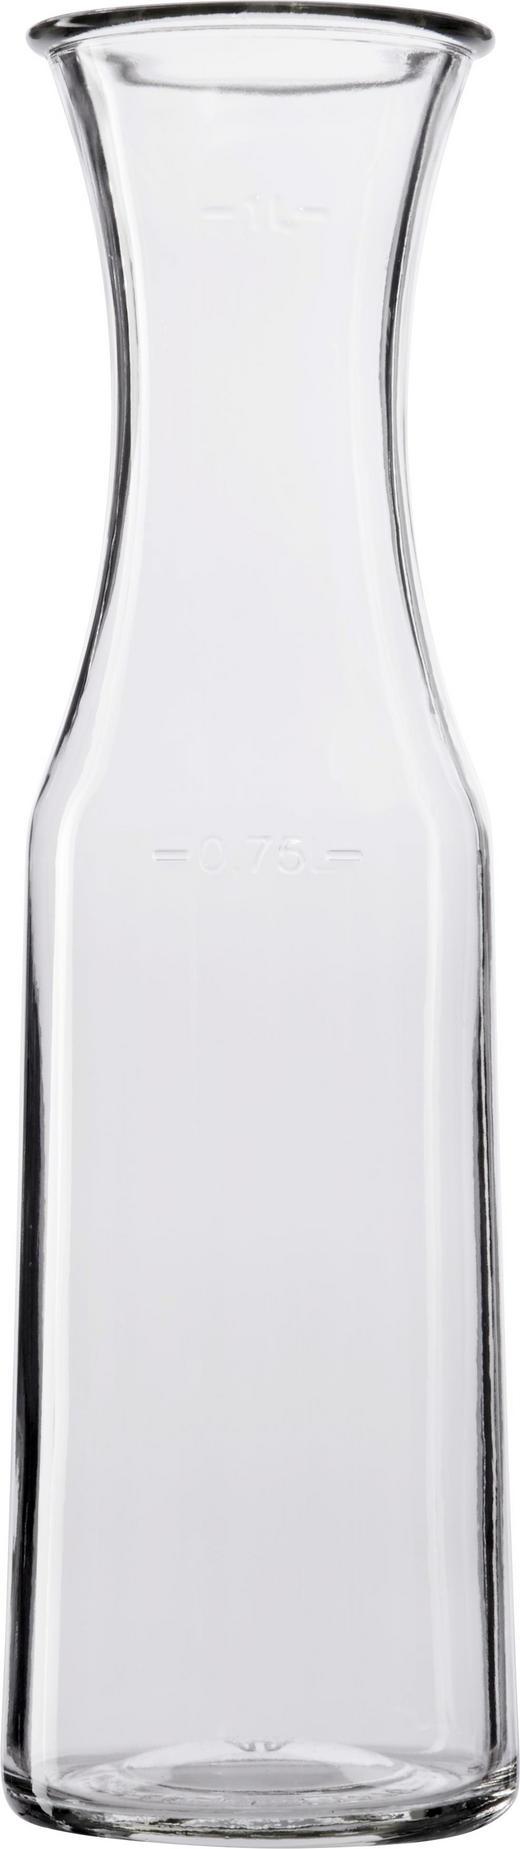 WASSERKARAFFE 1 L - Klar, Basics, Glas (9/31,1cm) - Homeware